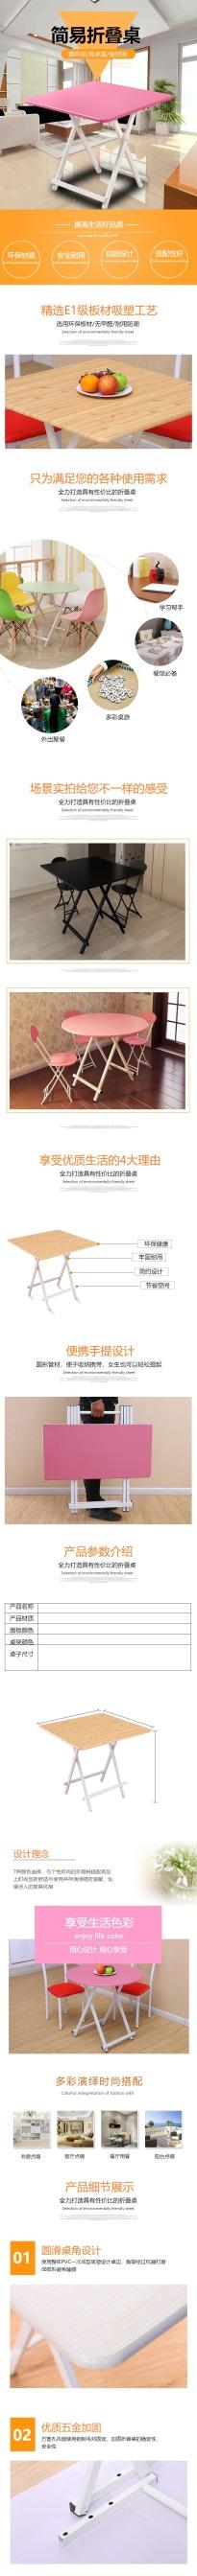 简约环保折叠桌电商详情页